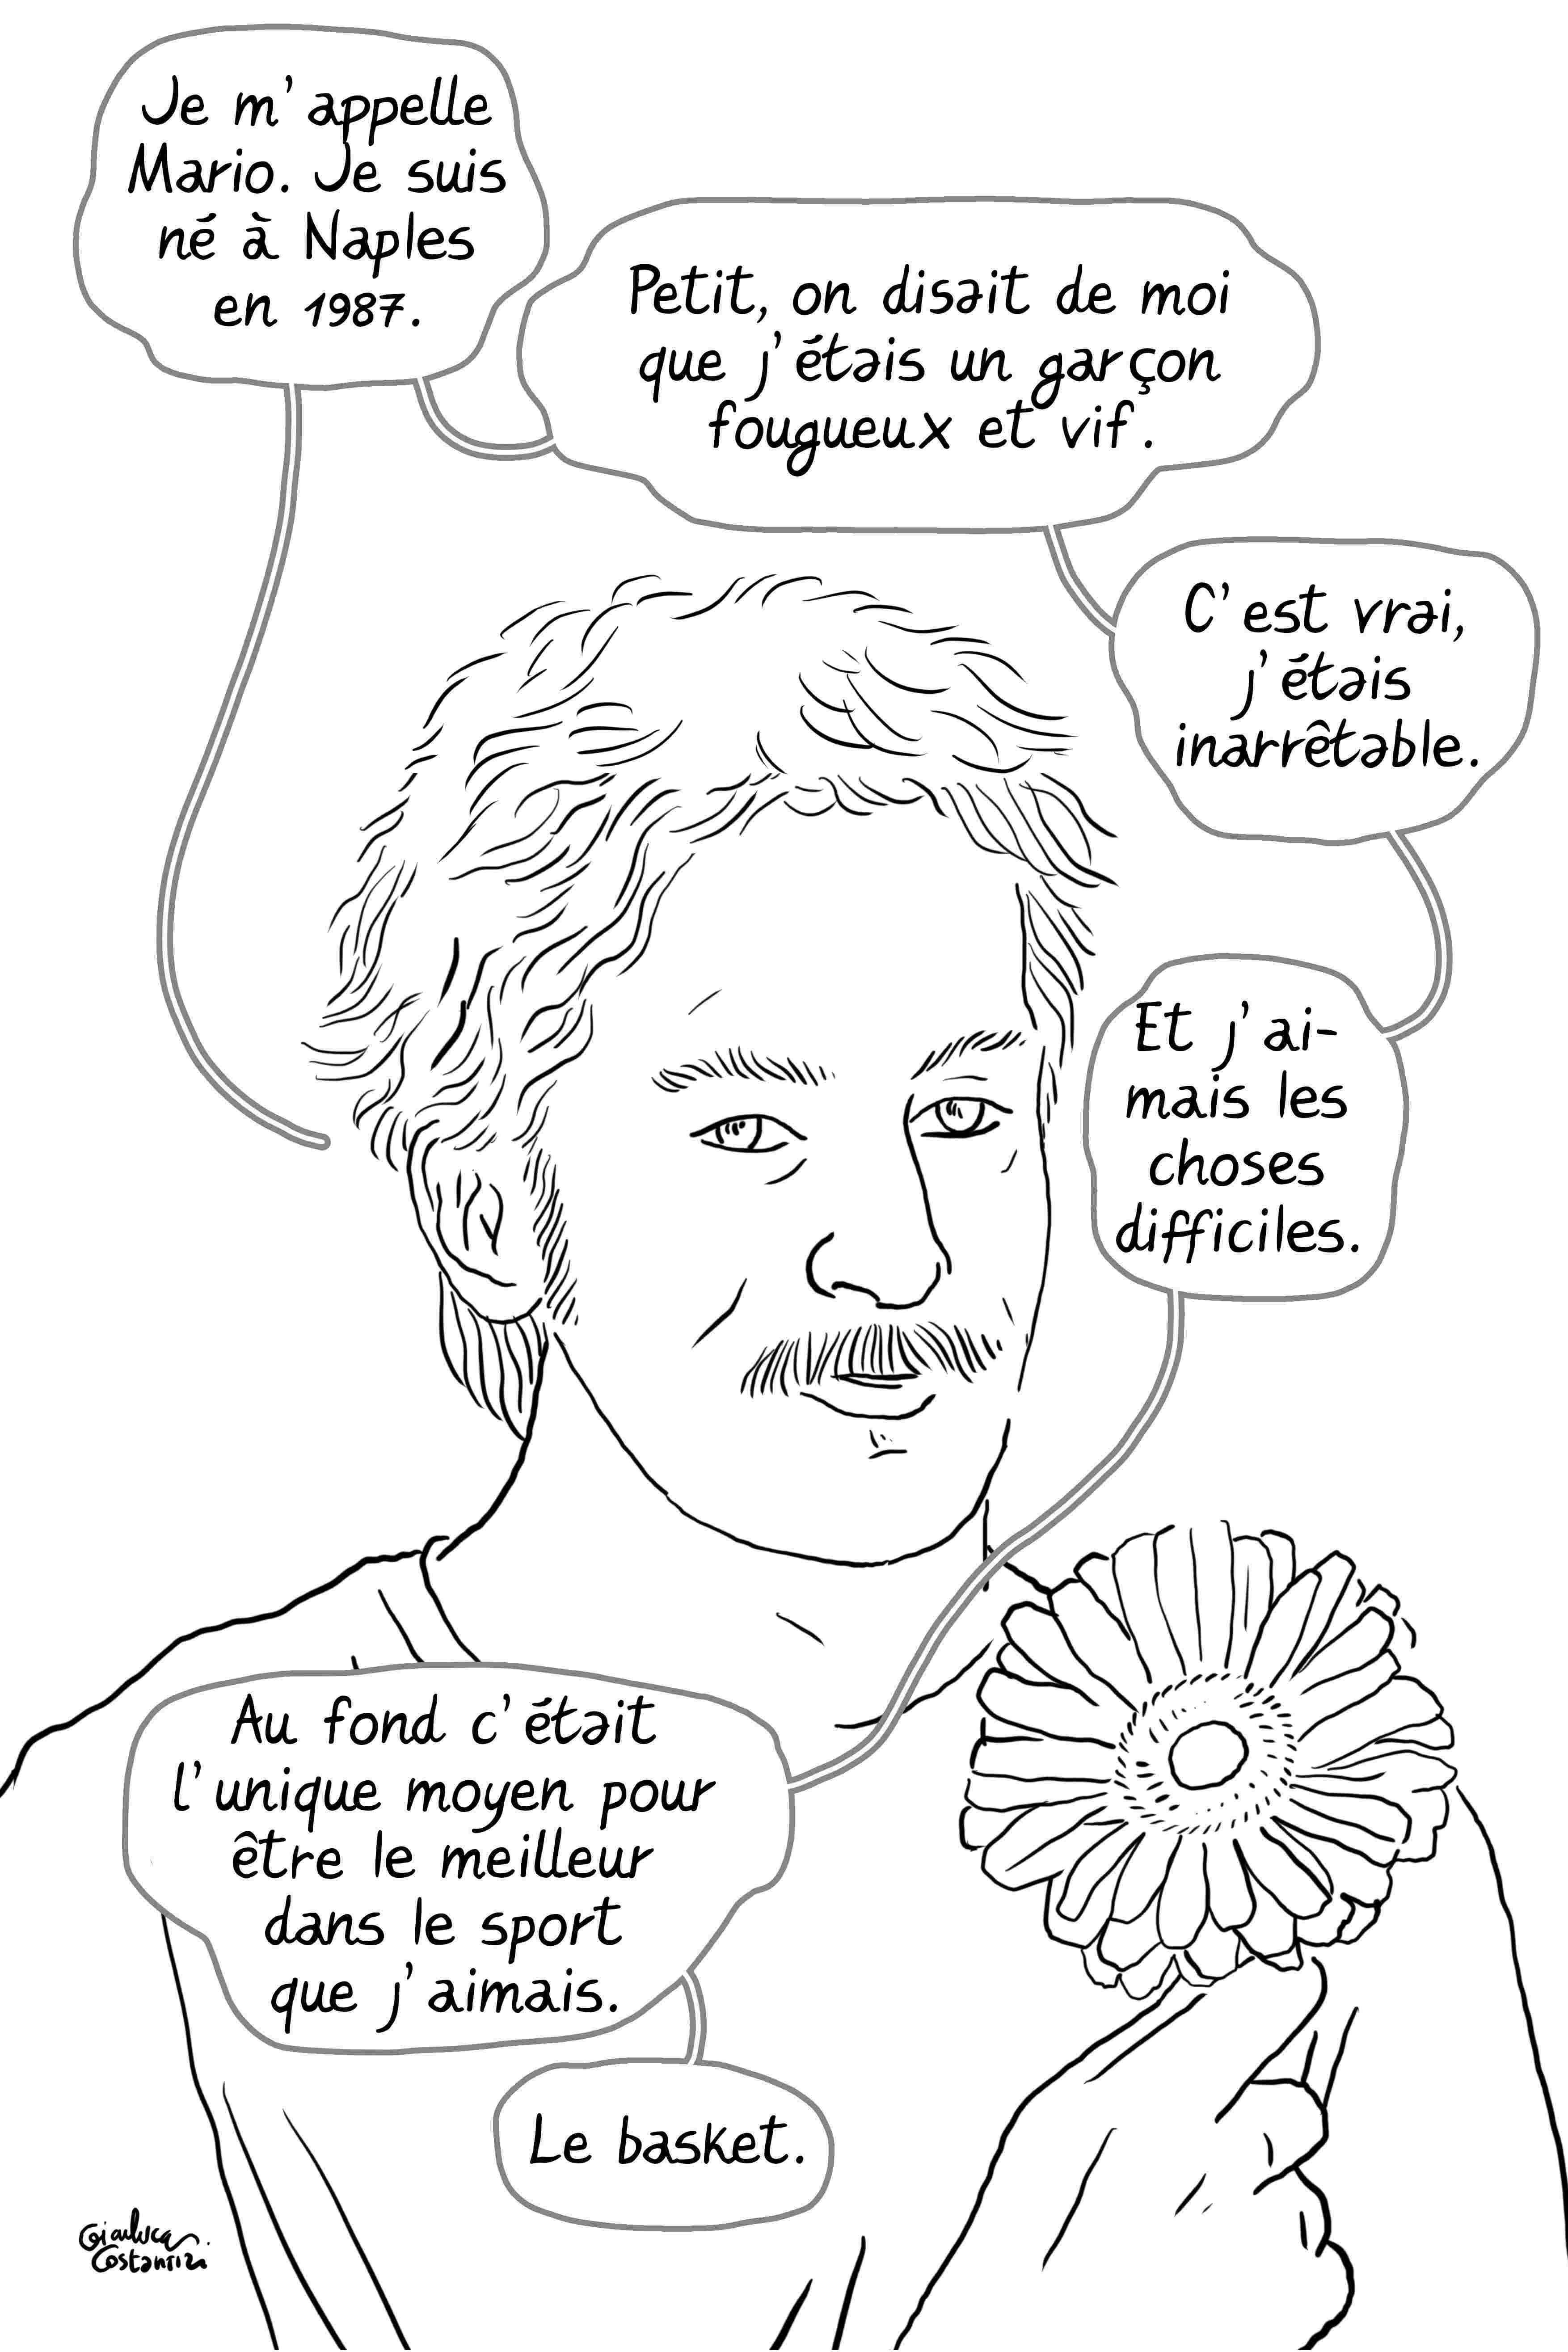 Verità e giustizia per Mario Paciolla